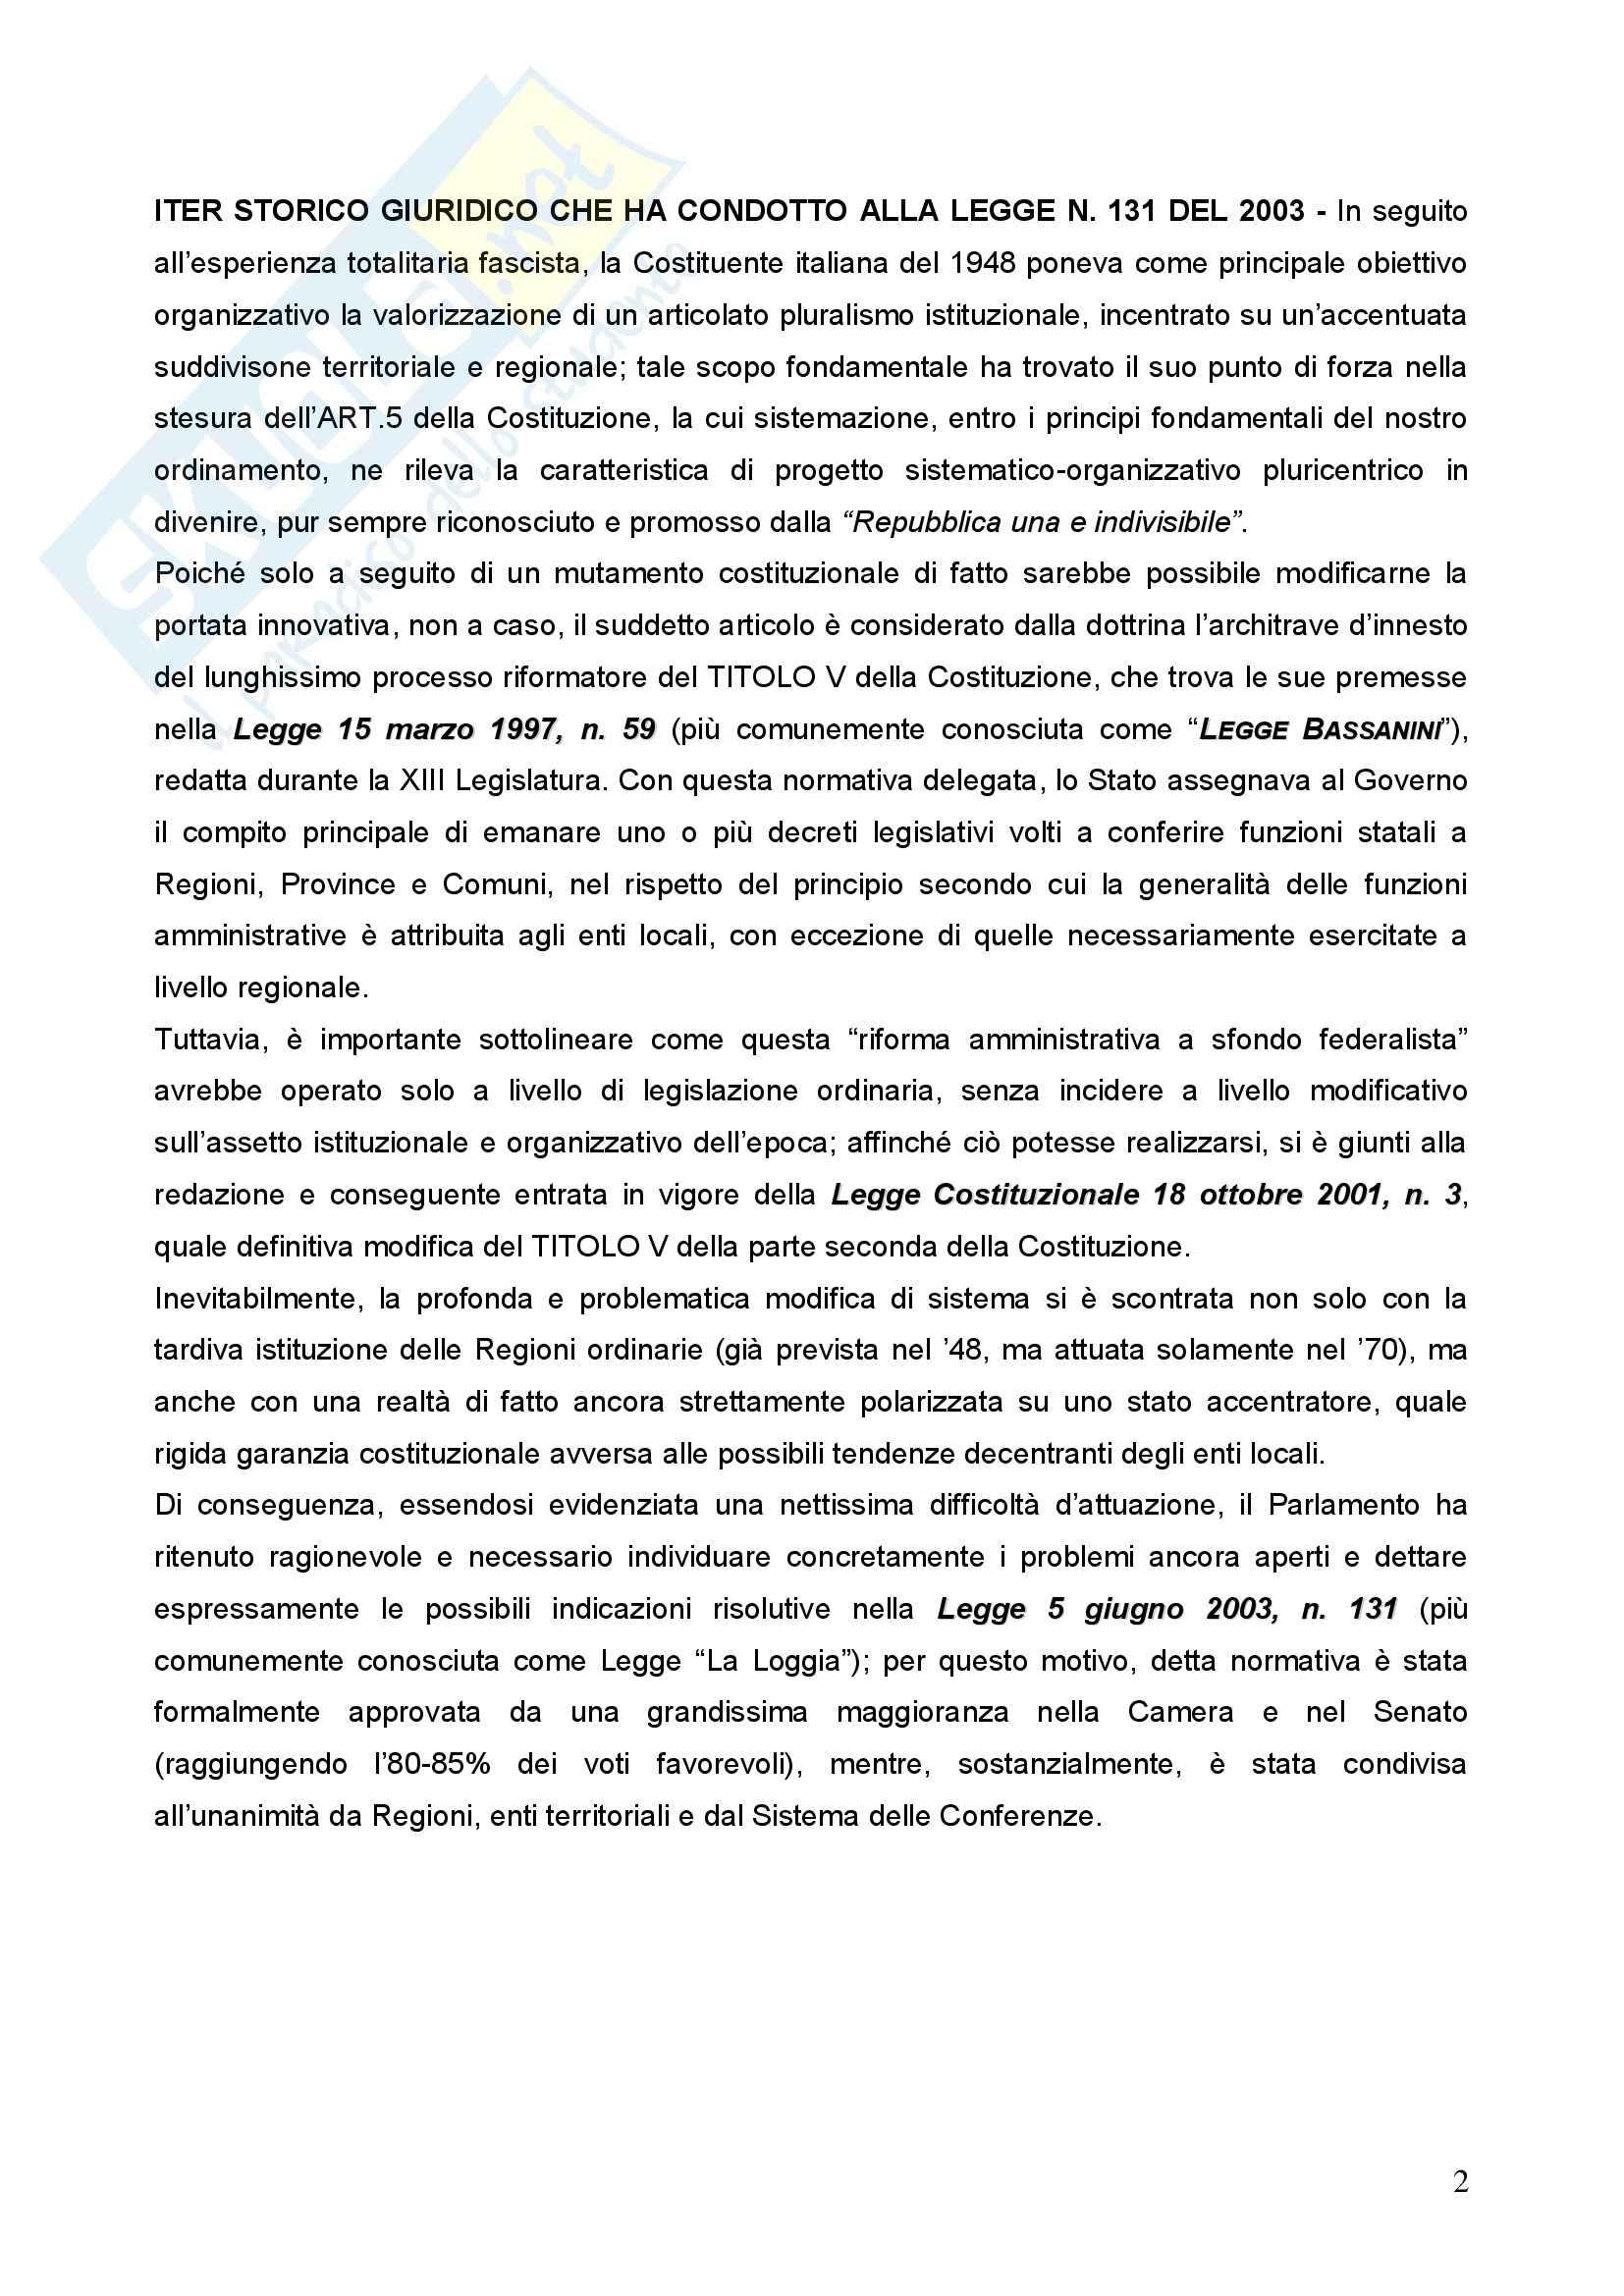 Diritto Costituzionale regionale - commento alla legge La Loggia di RIforma del titolo V Pag. 2